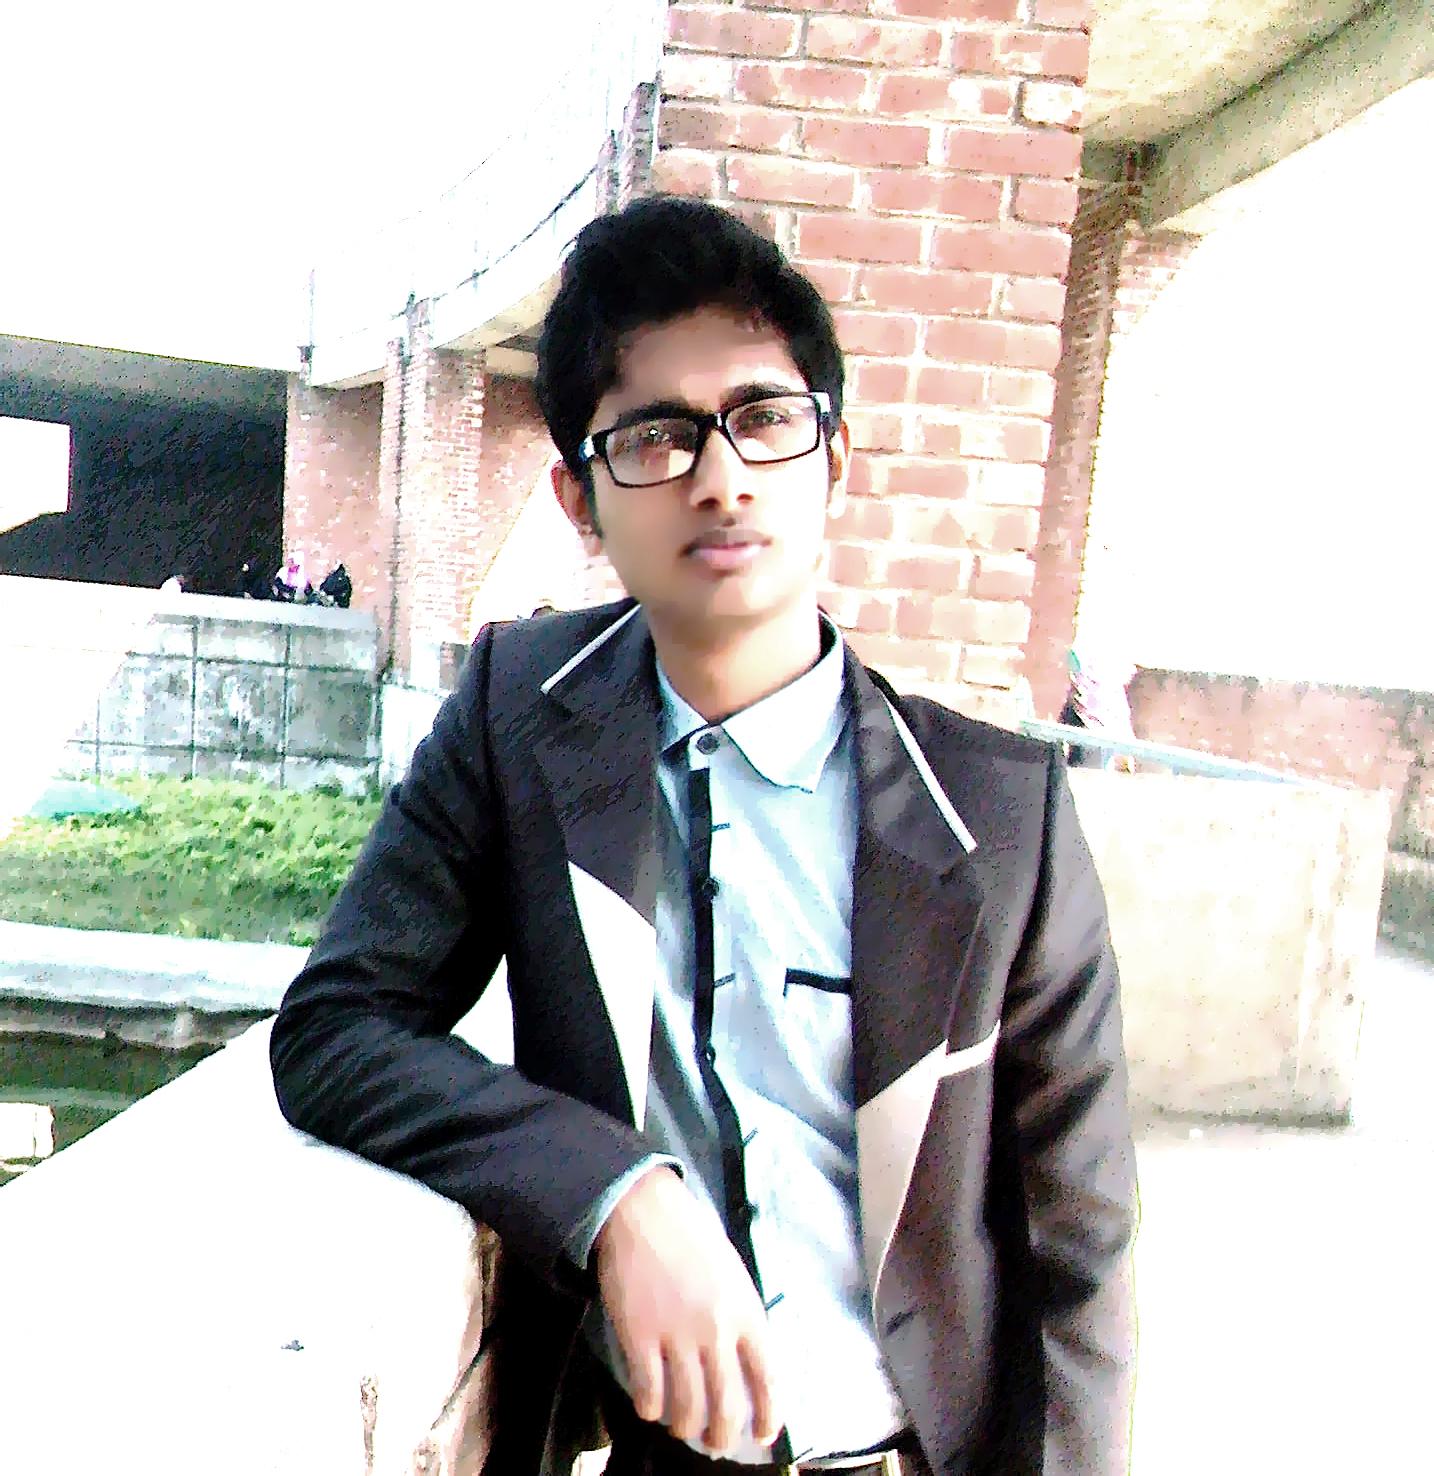 ShadhinAli